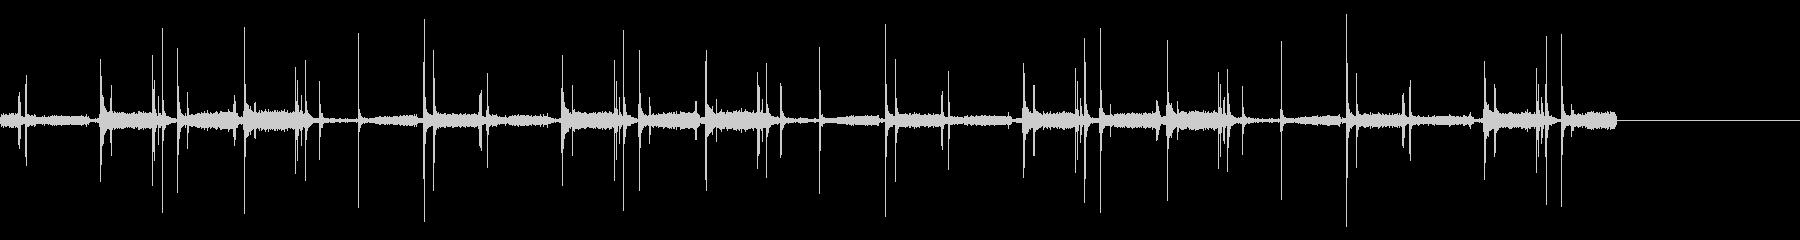 タイヤ-XYチップ(表)-動き-業...の未再生の波形